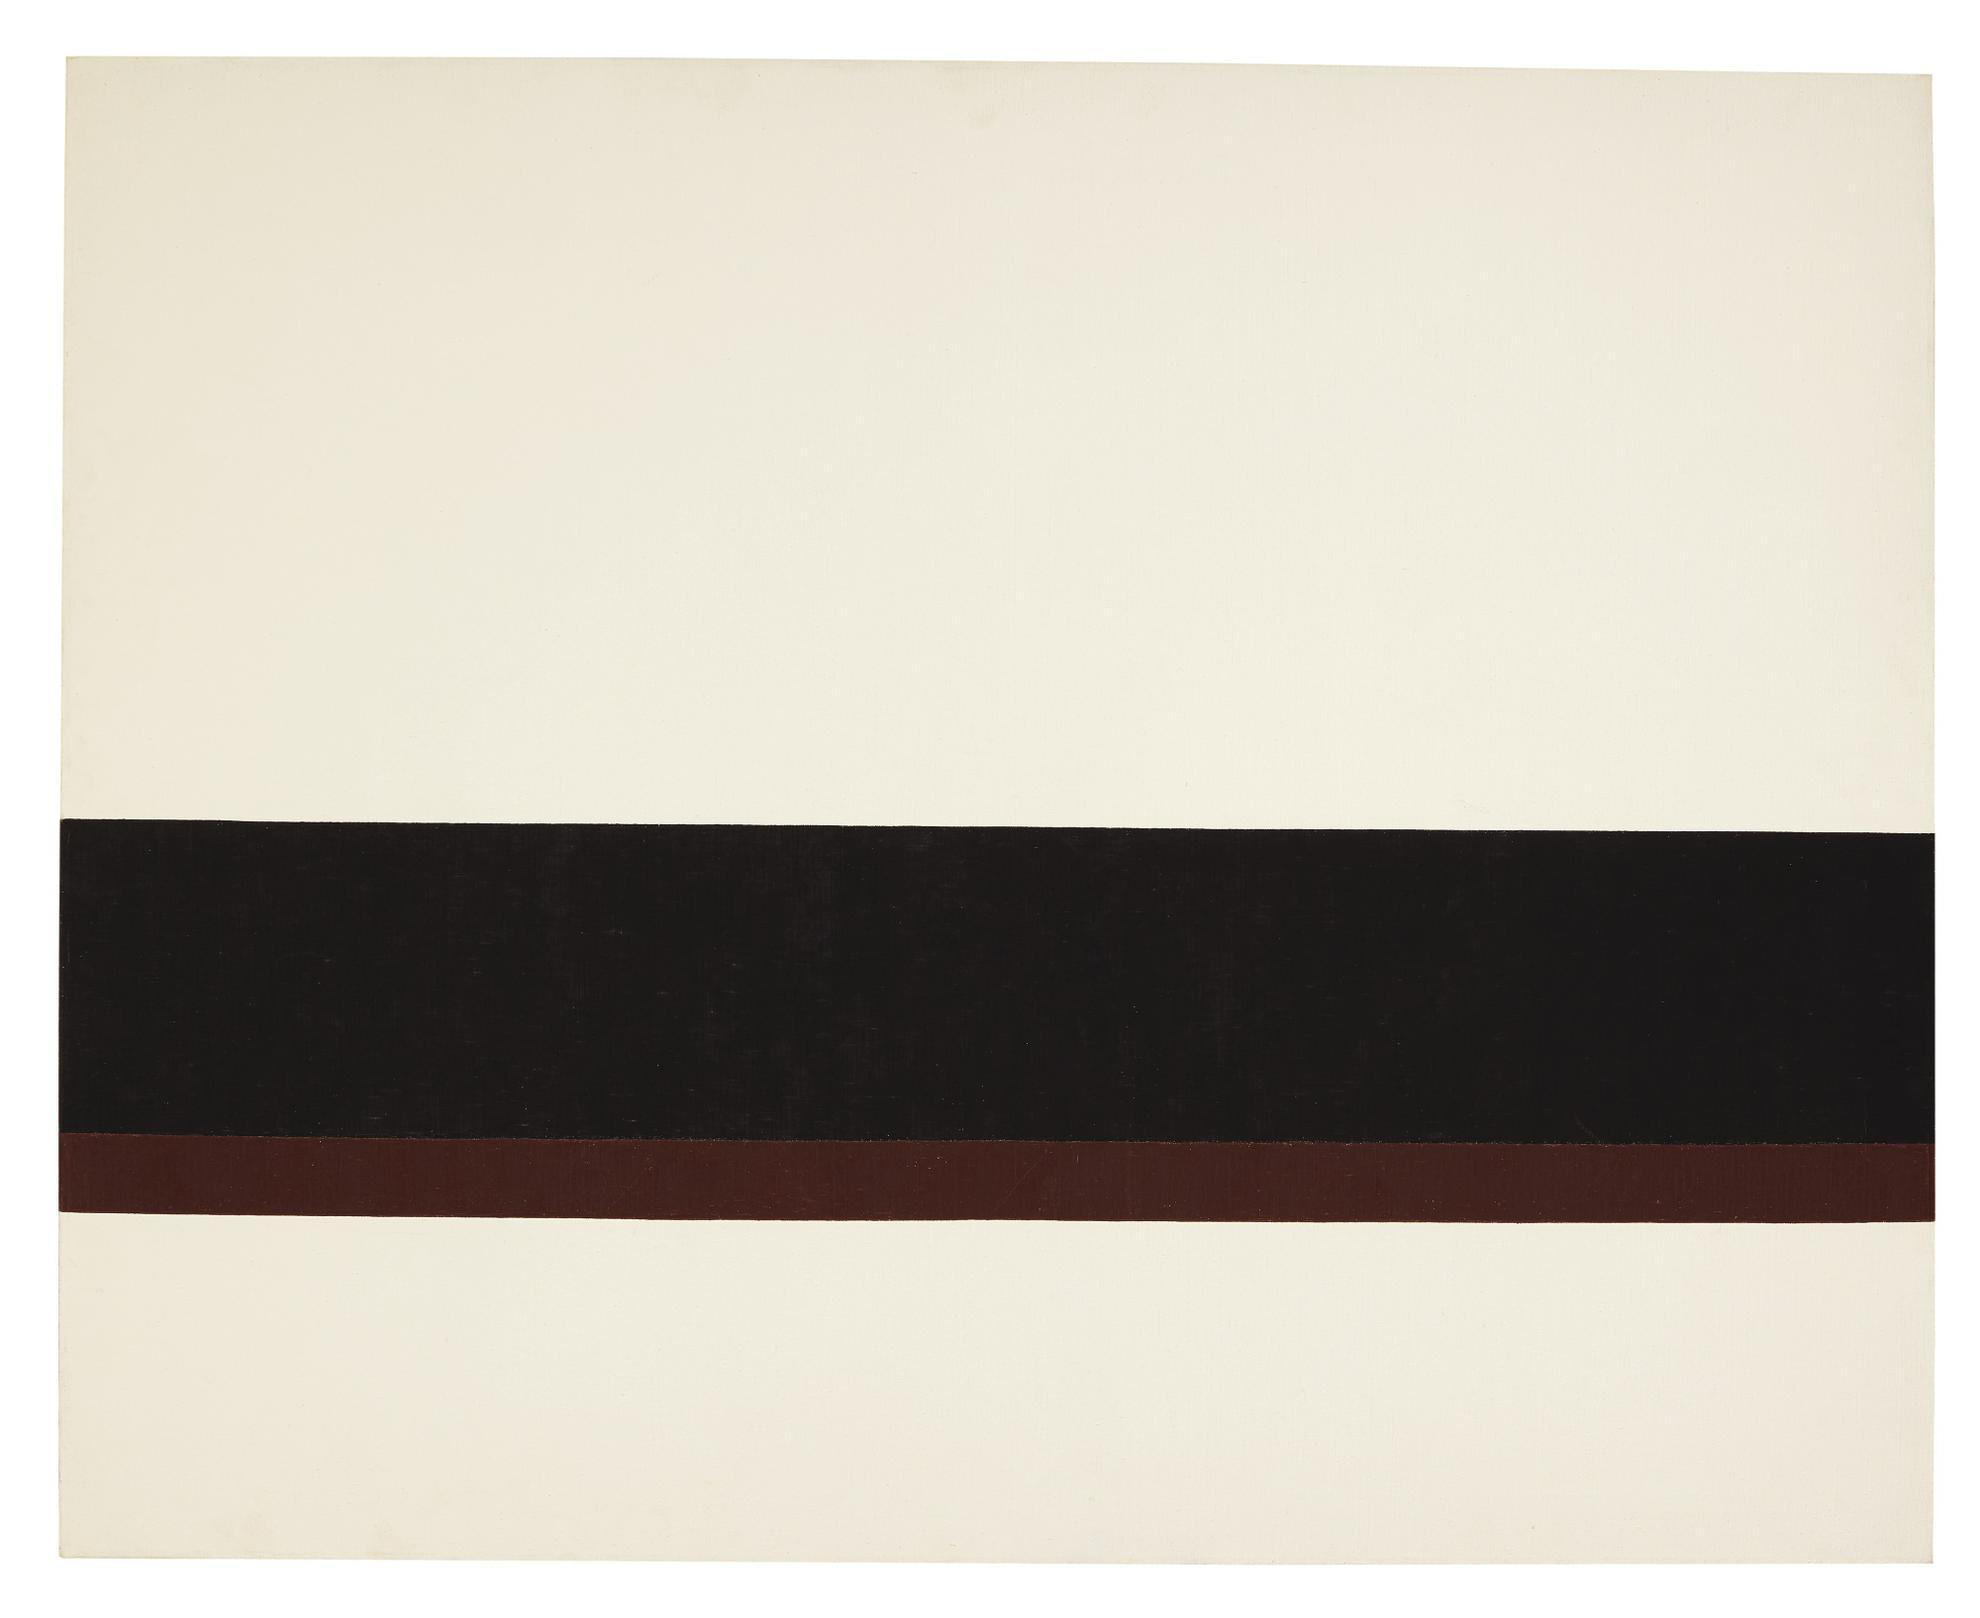 John McLaughlin-No. 10-1973